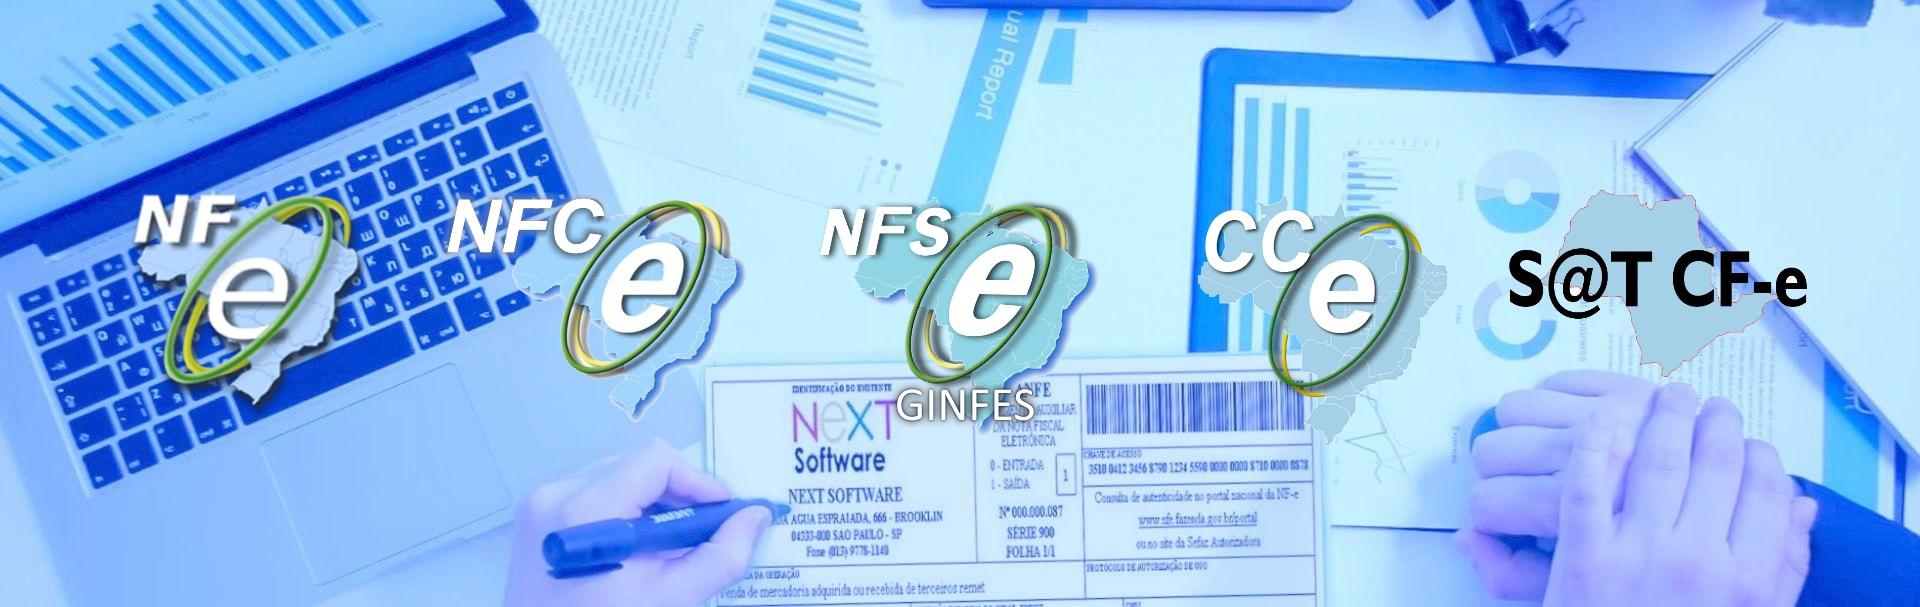 NeXT ERP para Distribuidoras De Moto Peças - Sistema gerencial completo com Emissão de NF-e | NFS-e | CC-e | NFC-e | SAT